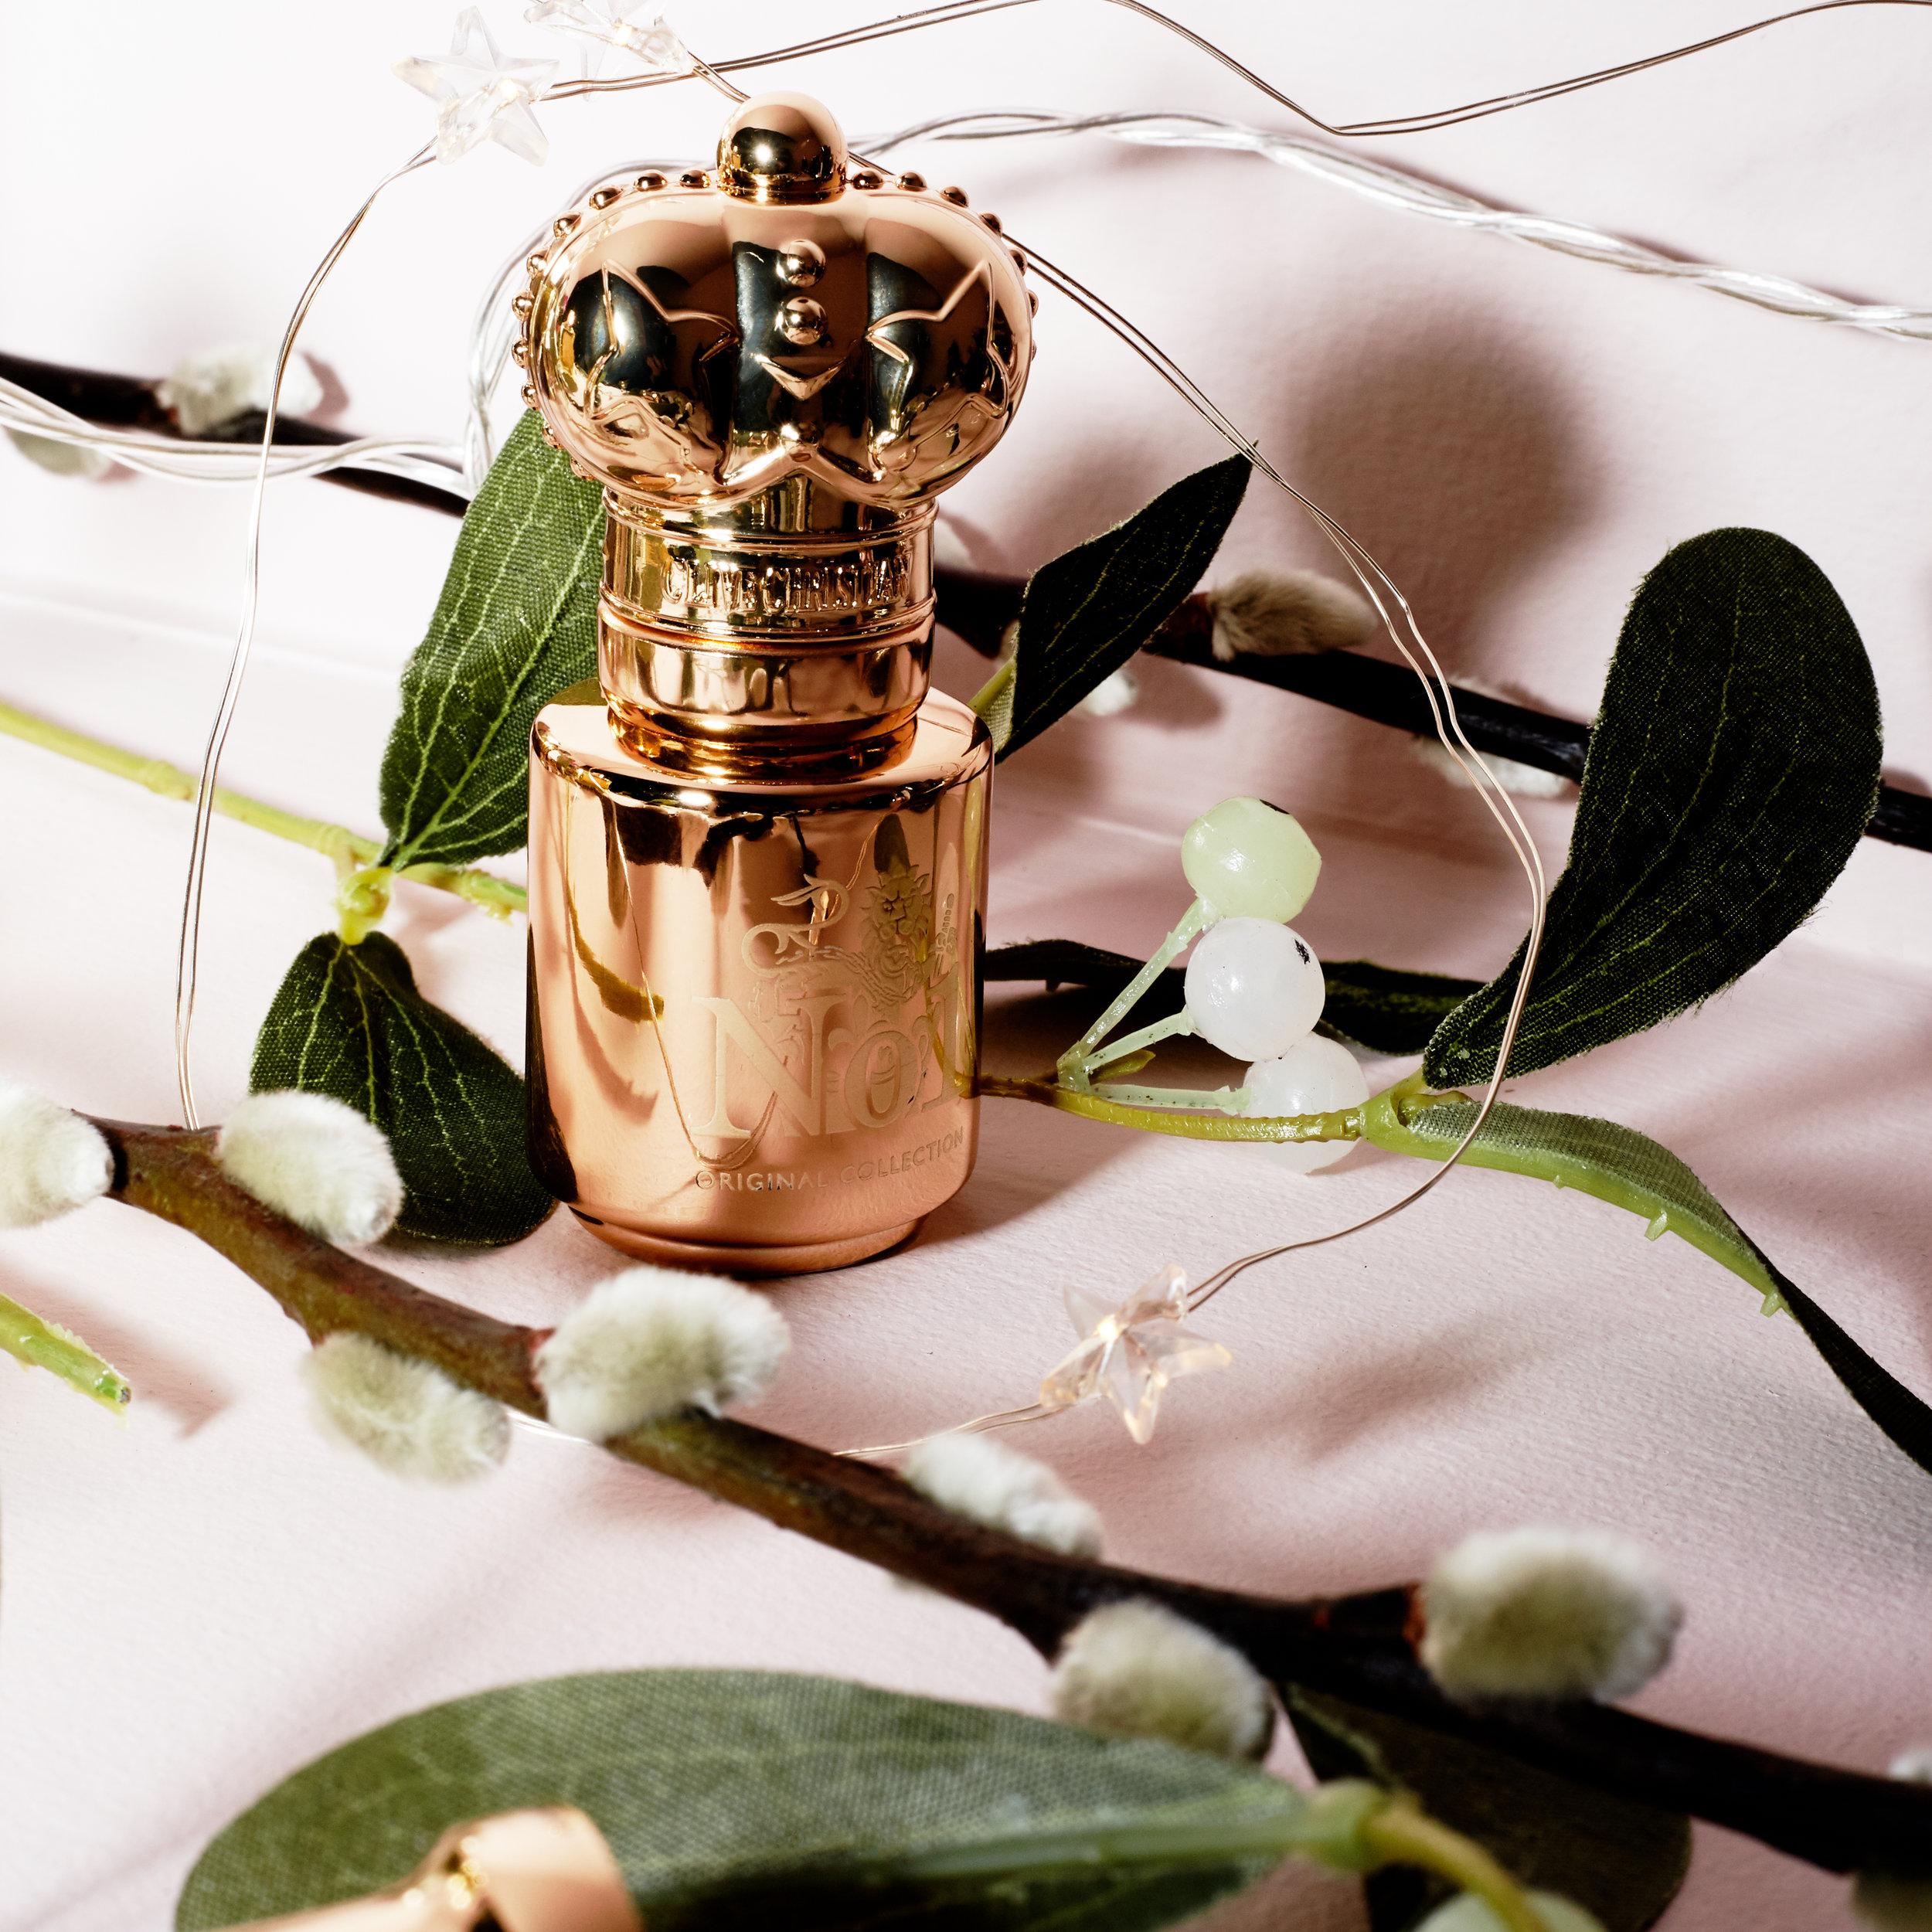 AsiaWerbel_perfumefinals 8.jpg